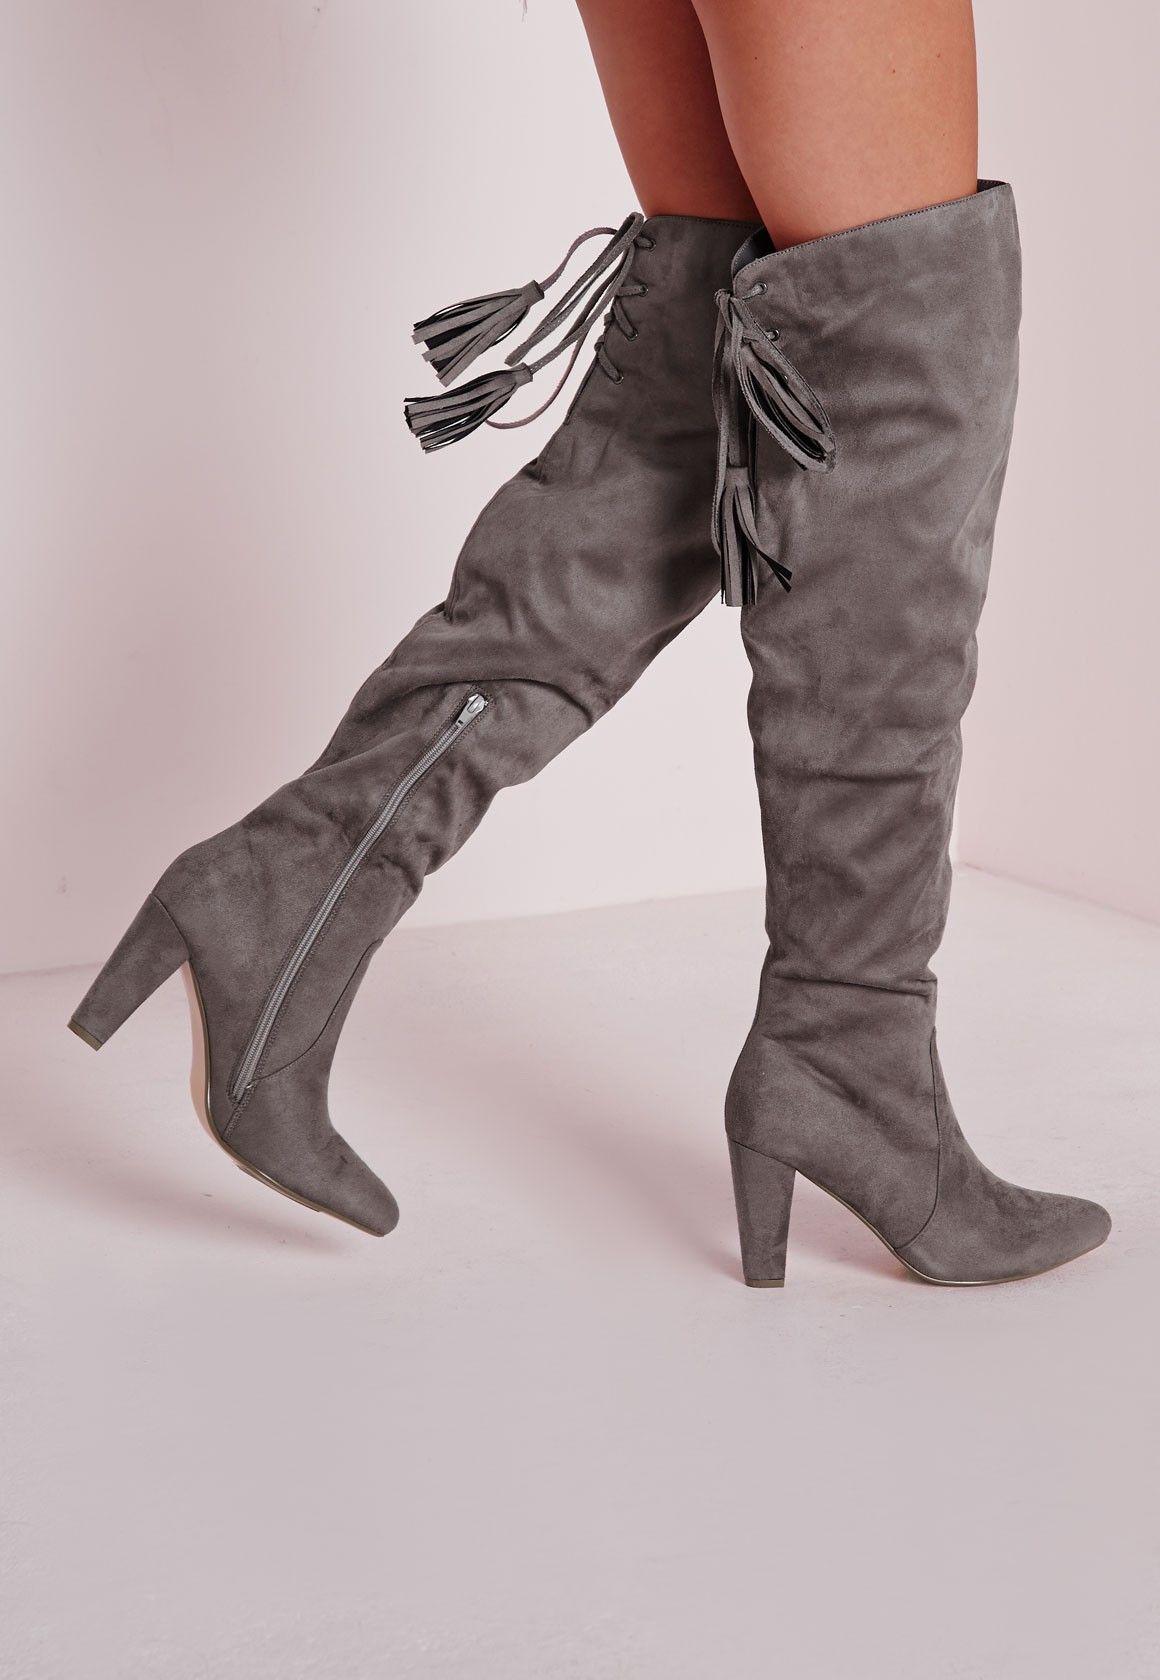 Missguided - Cuissardes grises à talons avec lacets arrière   For my ... 14103c2db768